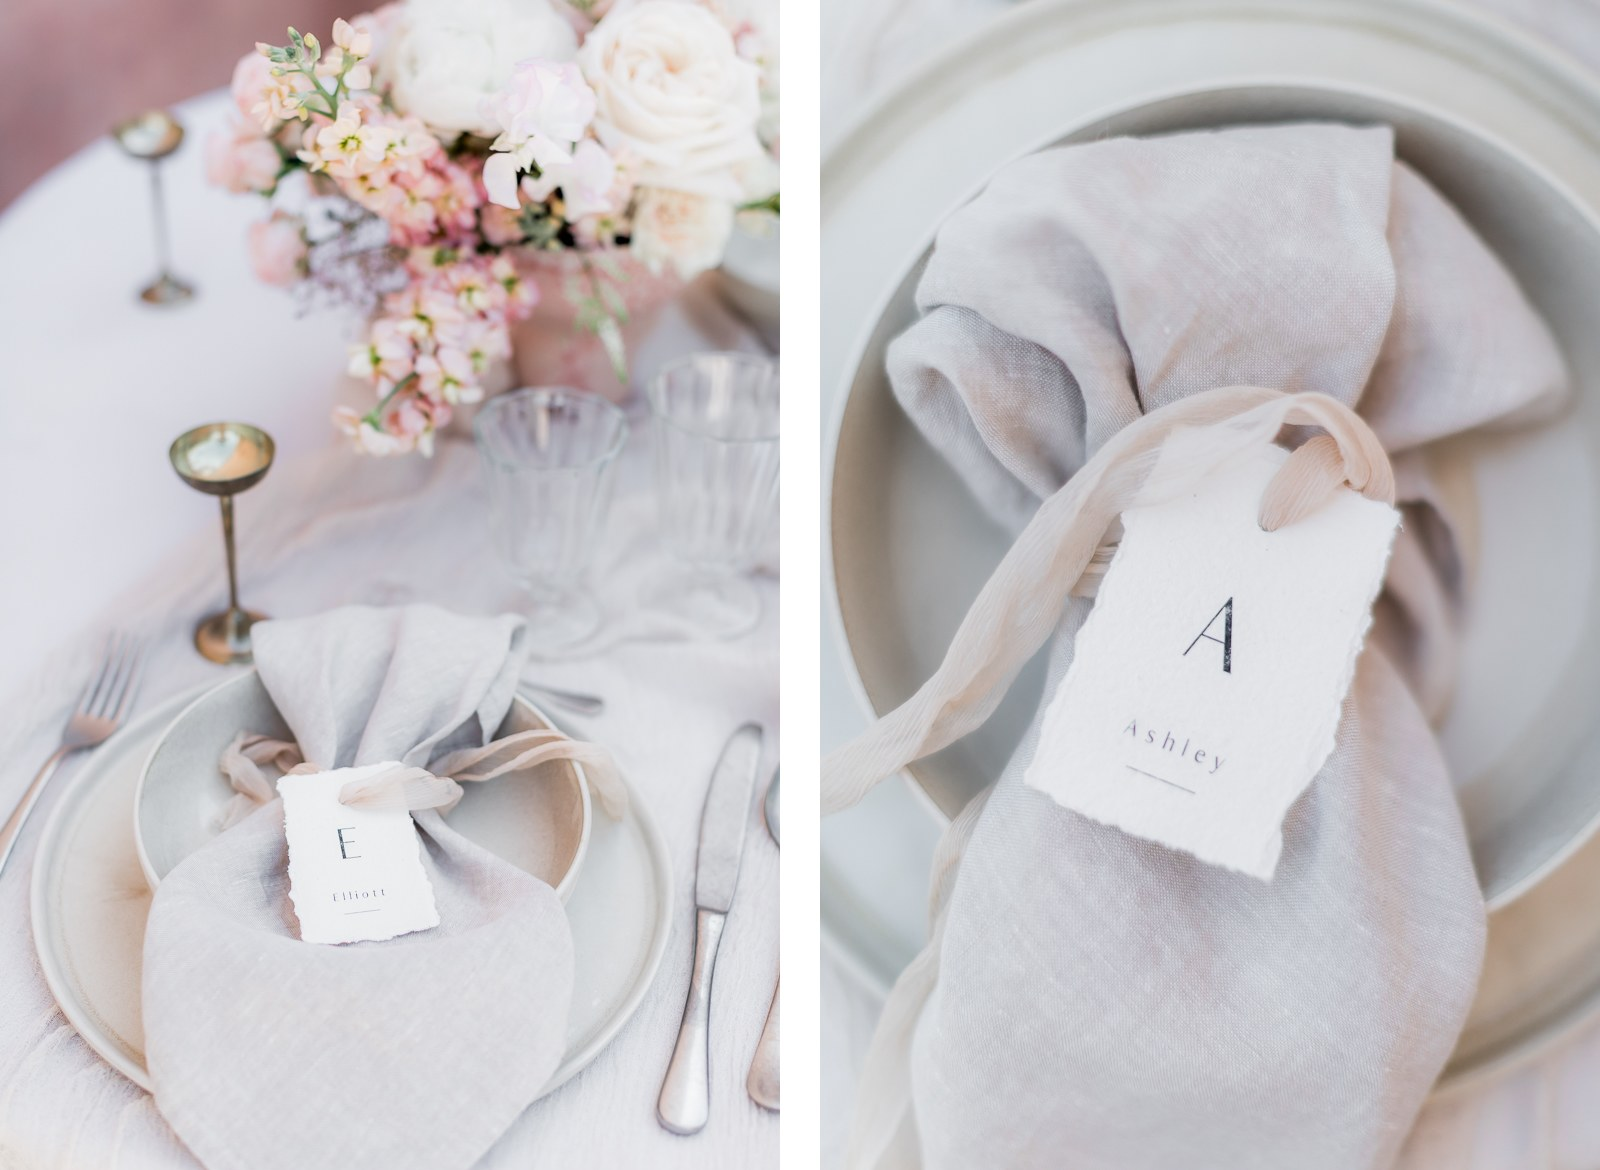 Photographie de Mathieu Dété présentant le détail de la table de mariage